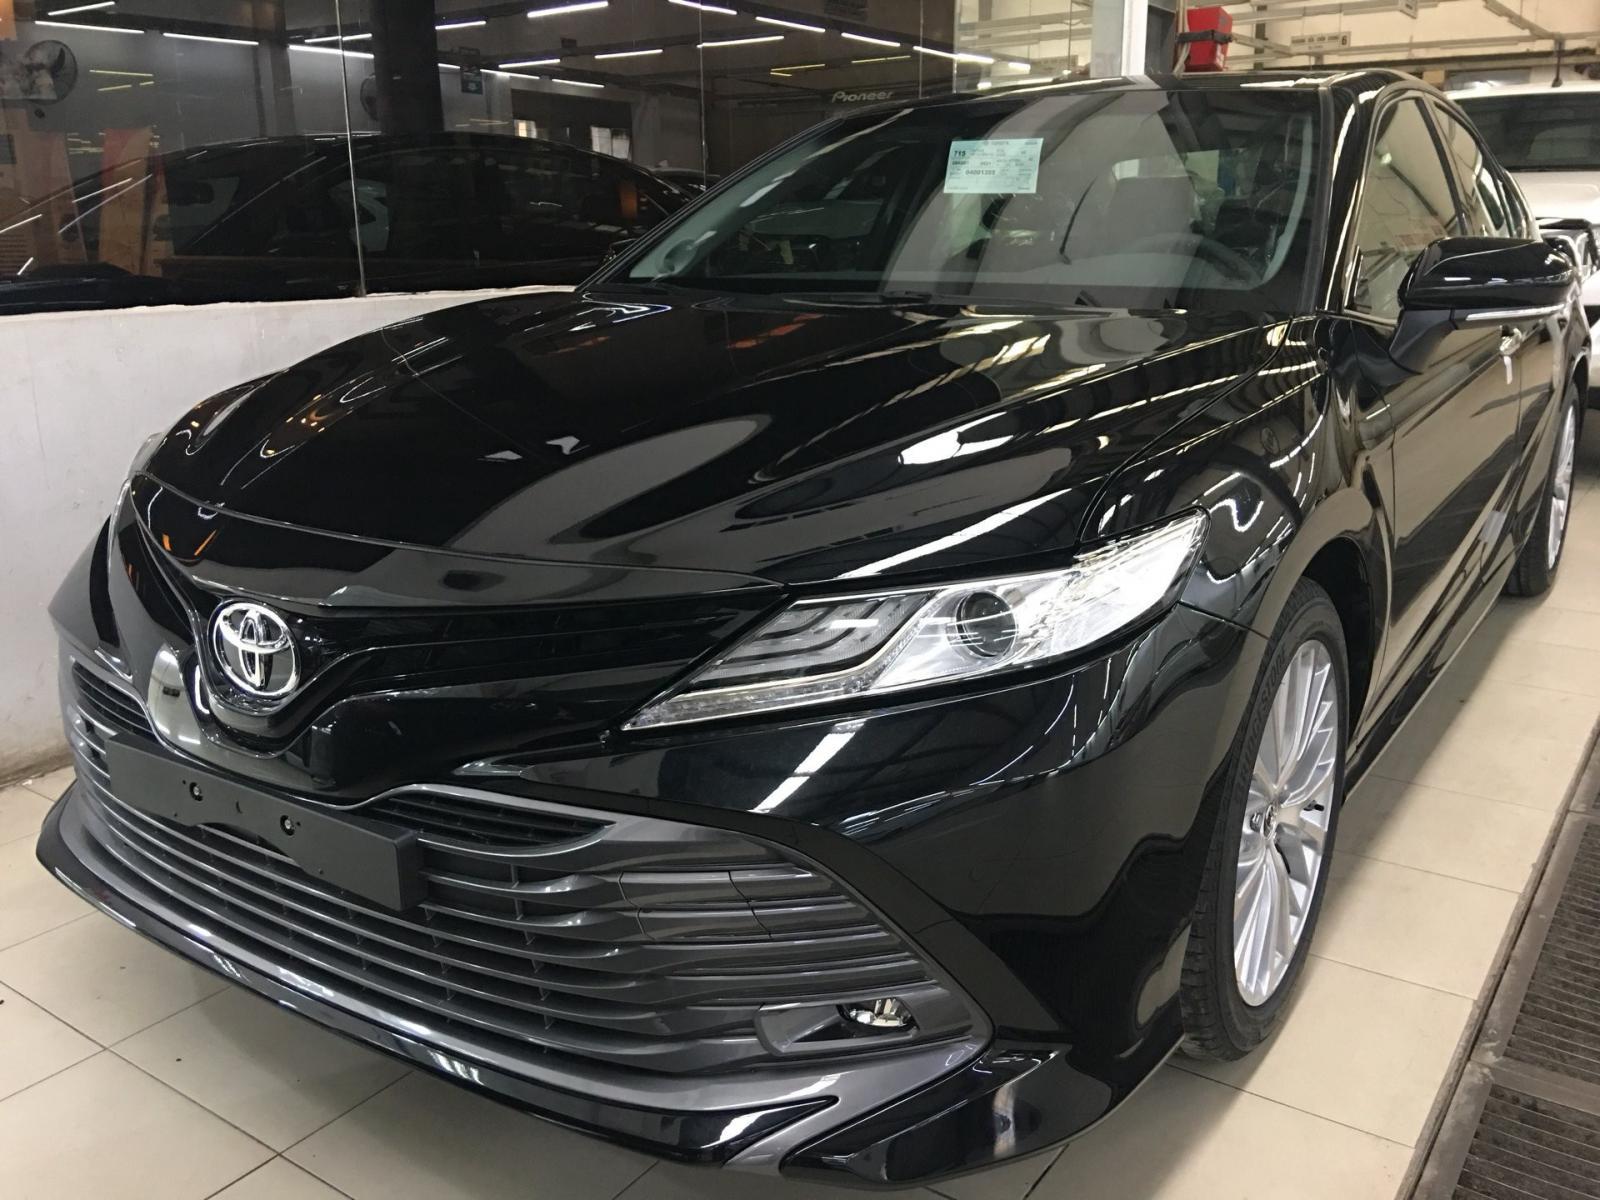 Hình ảnh xe Toyota Camry 2019 phiên bản màu đen